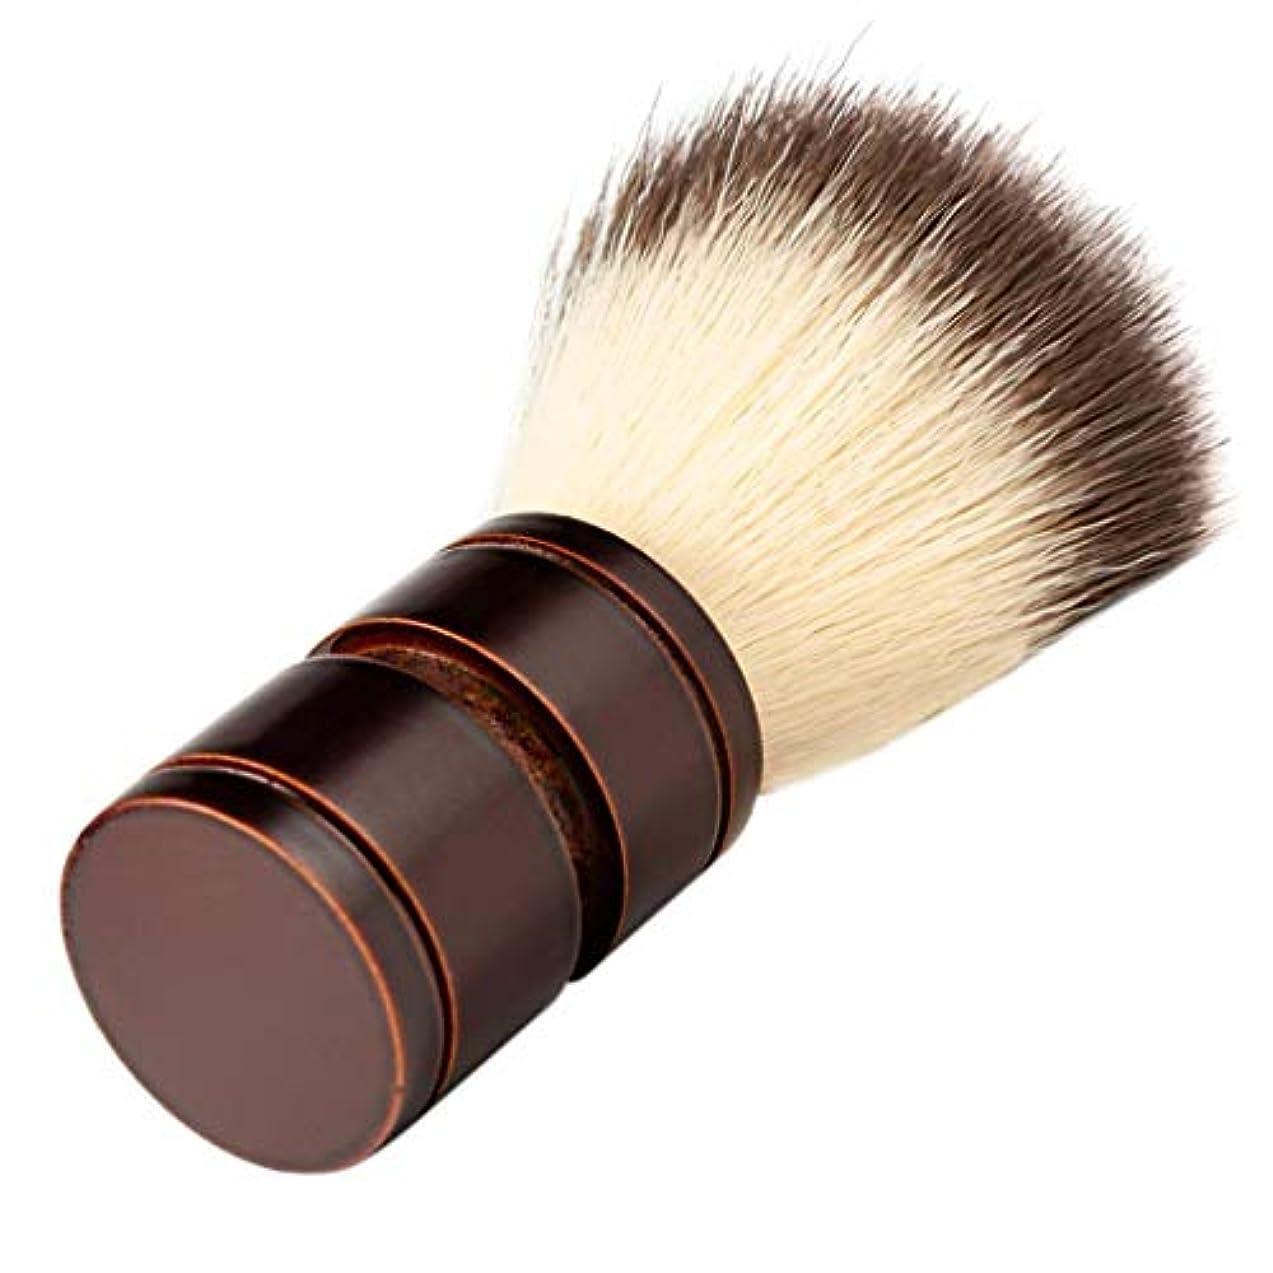 船員早める製作シェービング ブラシ メンズ ナイロン ひげブラシ 洗顔ブラシ 理容 洗顔 髭剃り 泡立ち